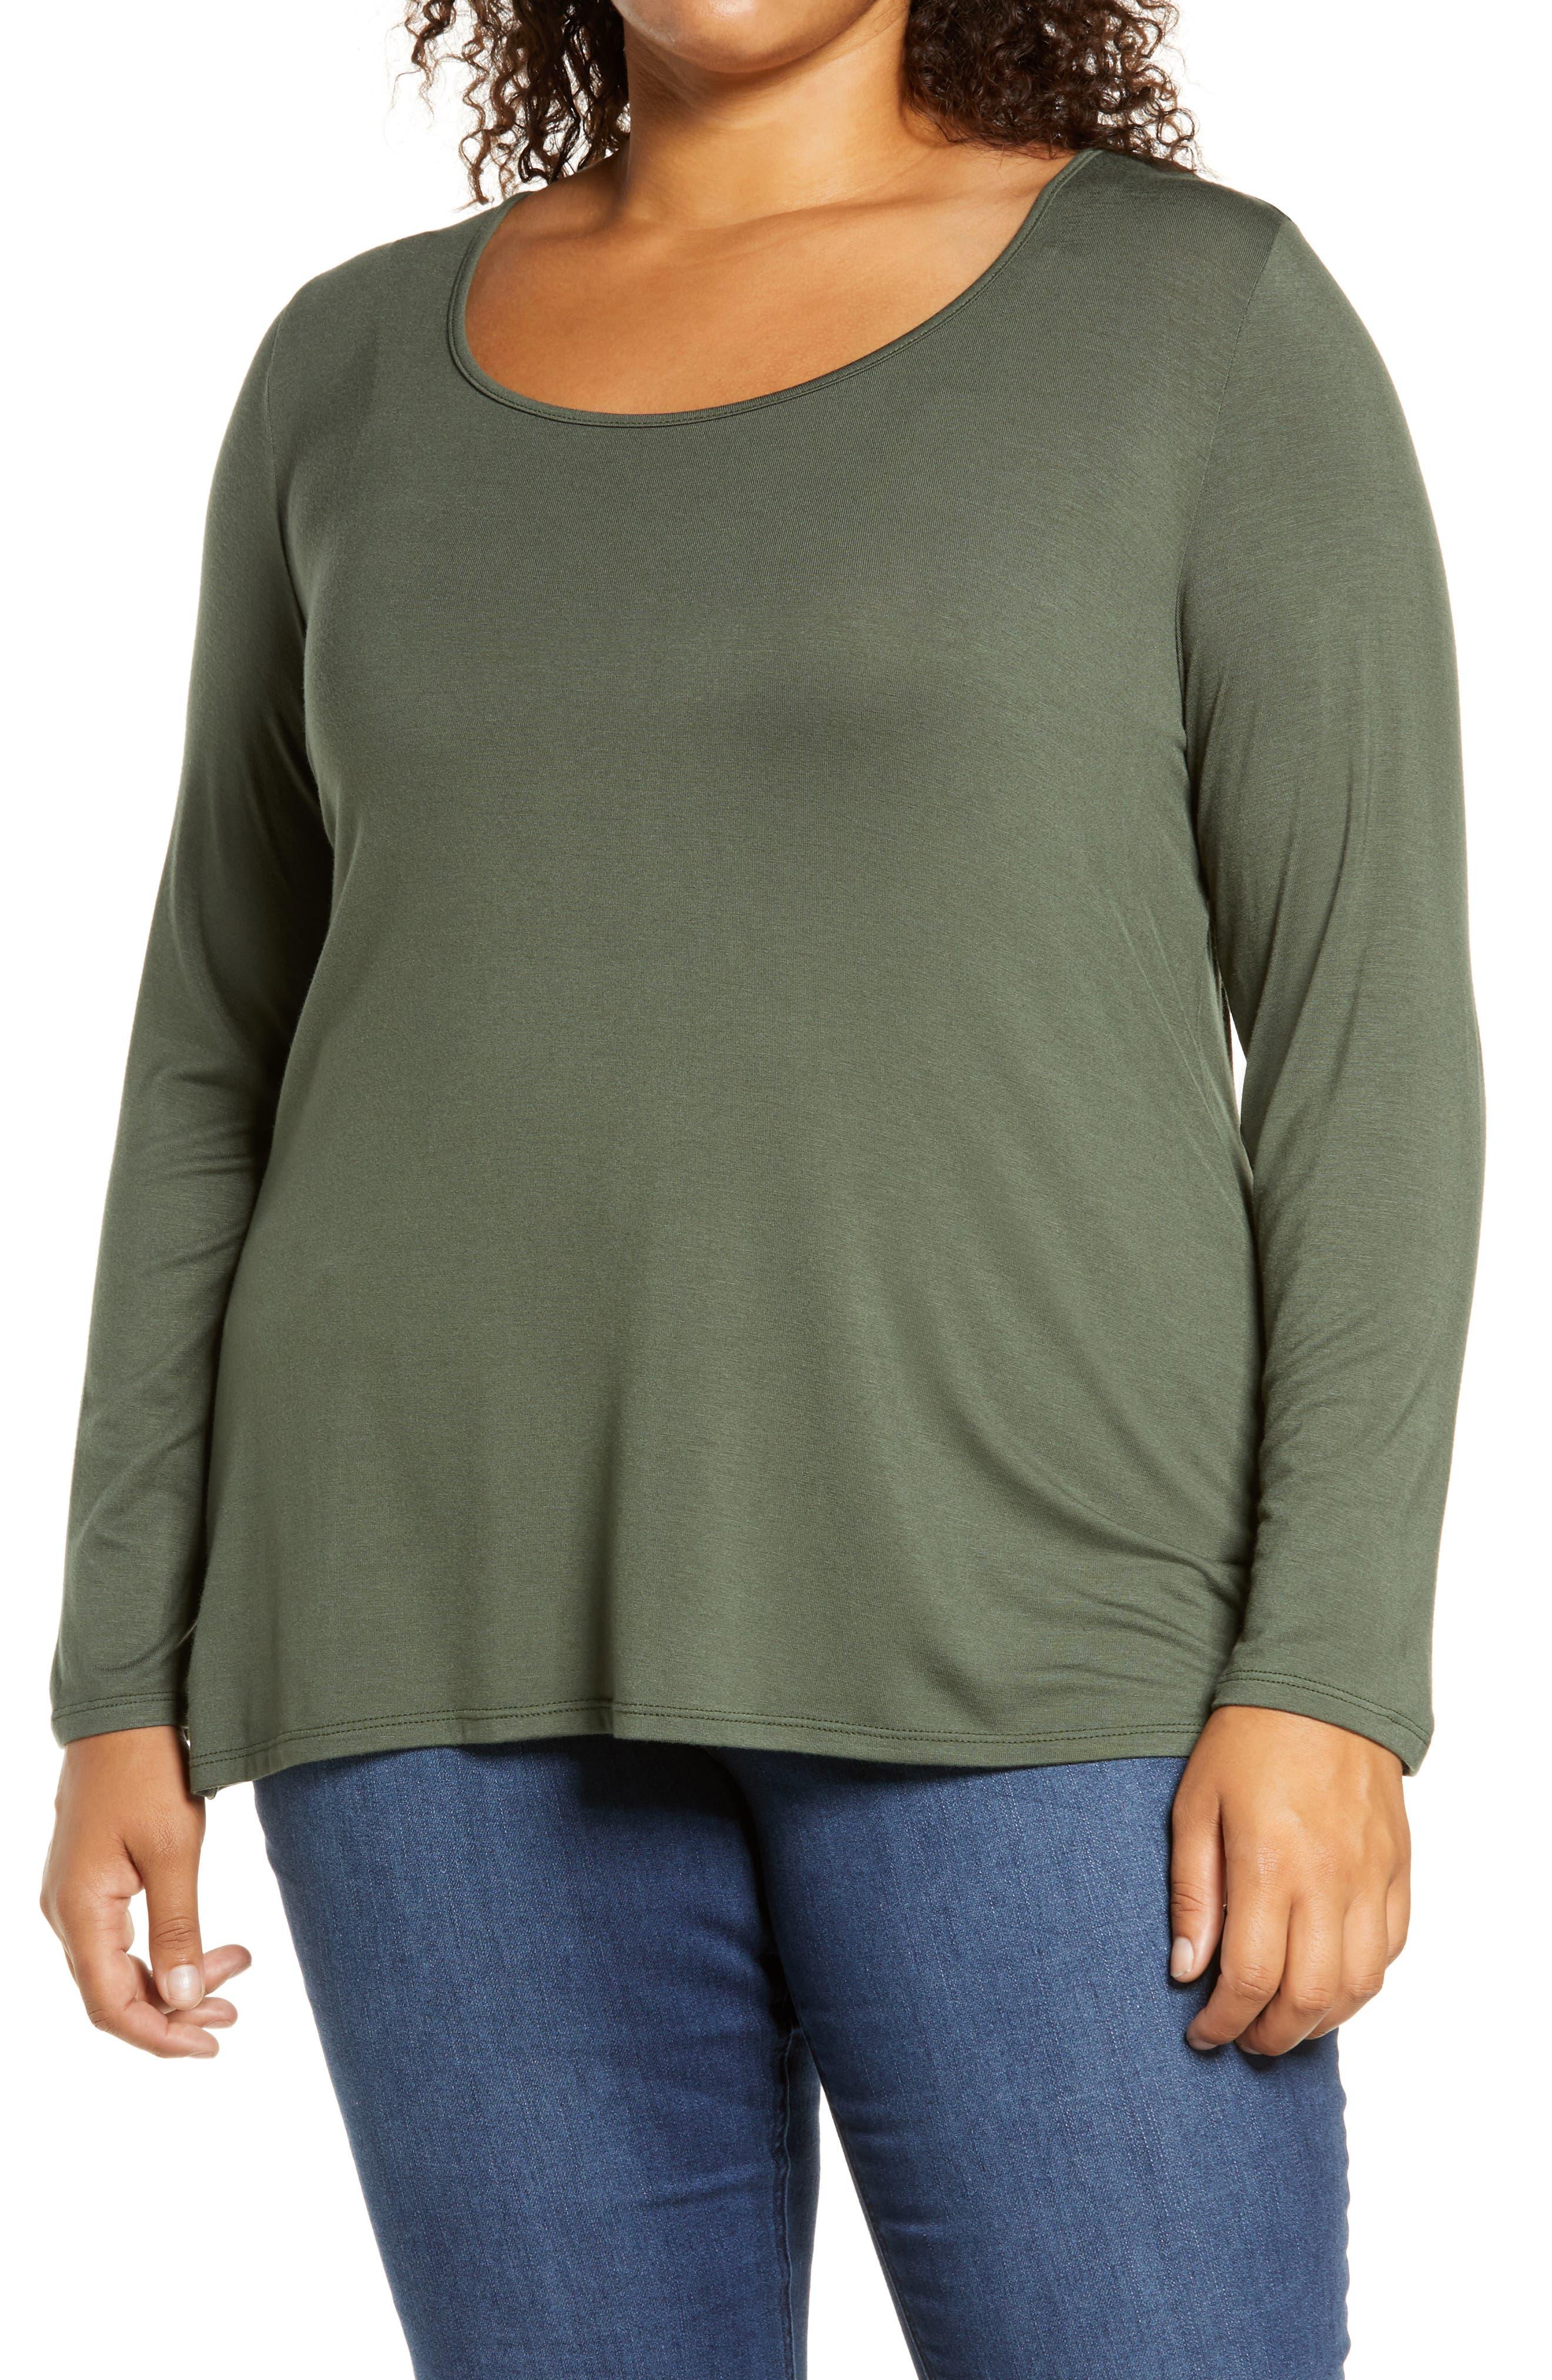 Plus Size Women's Loveapella Twist Back Top